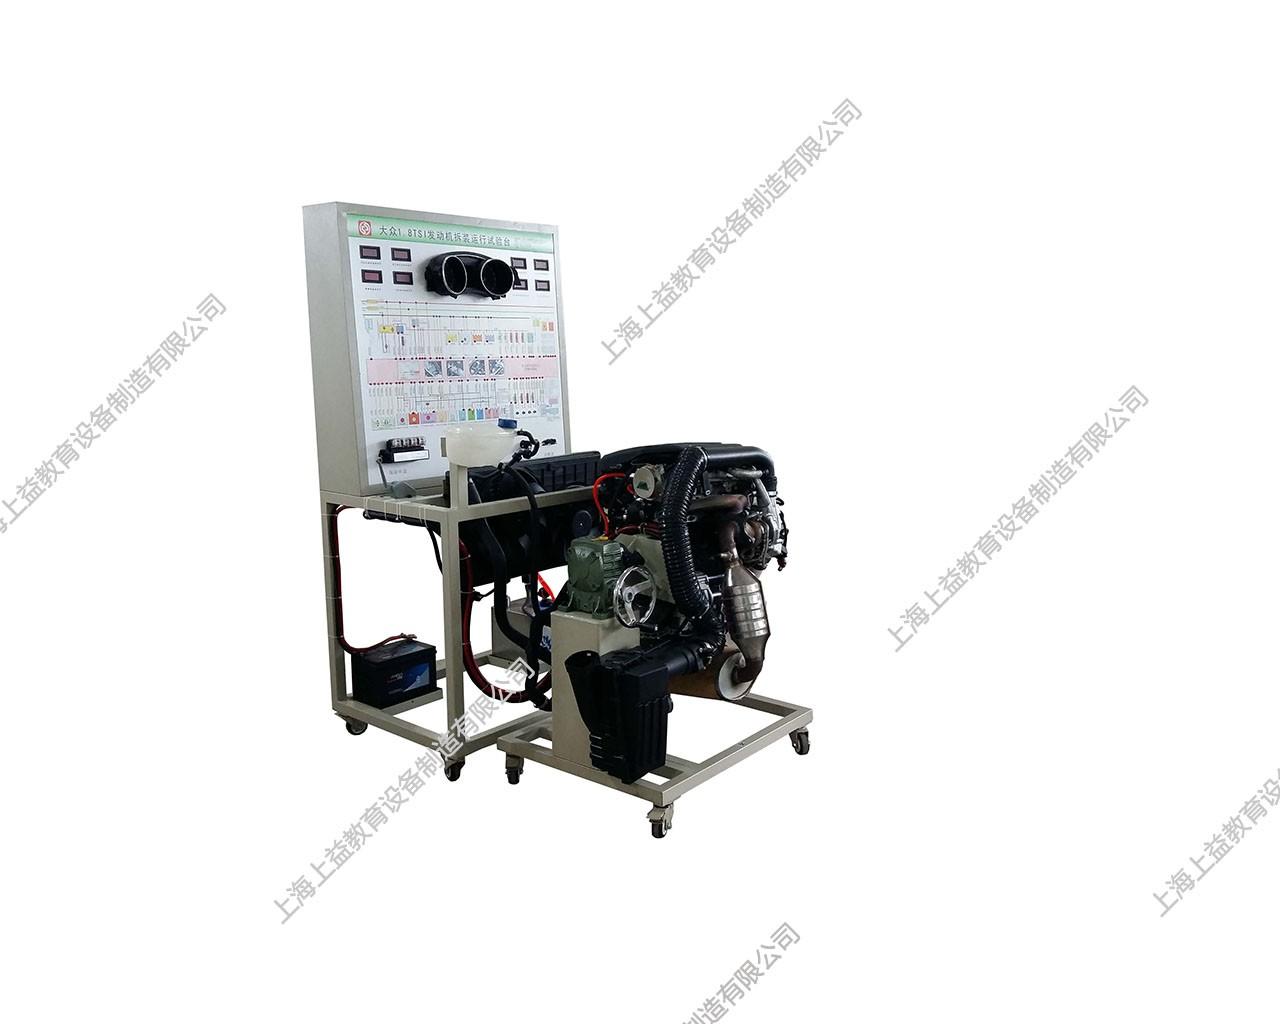 电控汽油发动机拆装运行wwwlehu8vip台(大众1.8TSI)